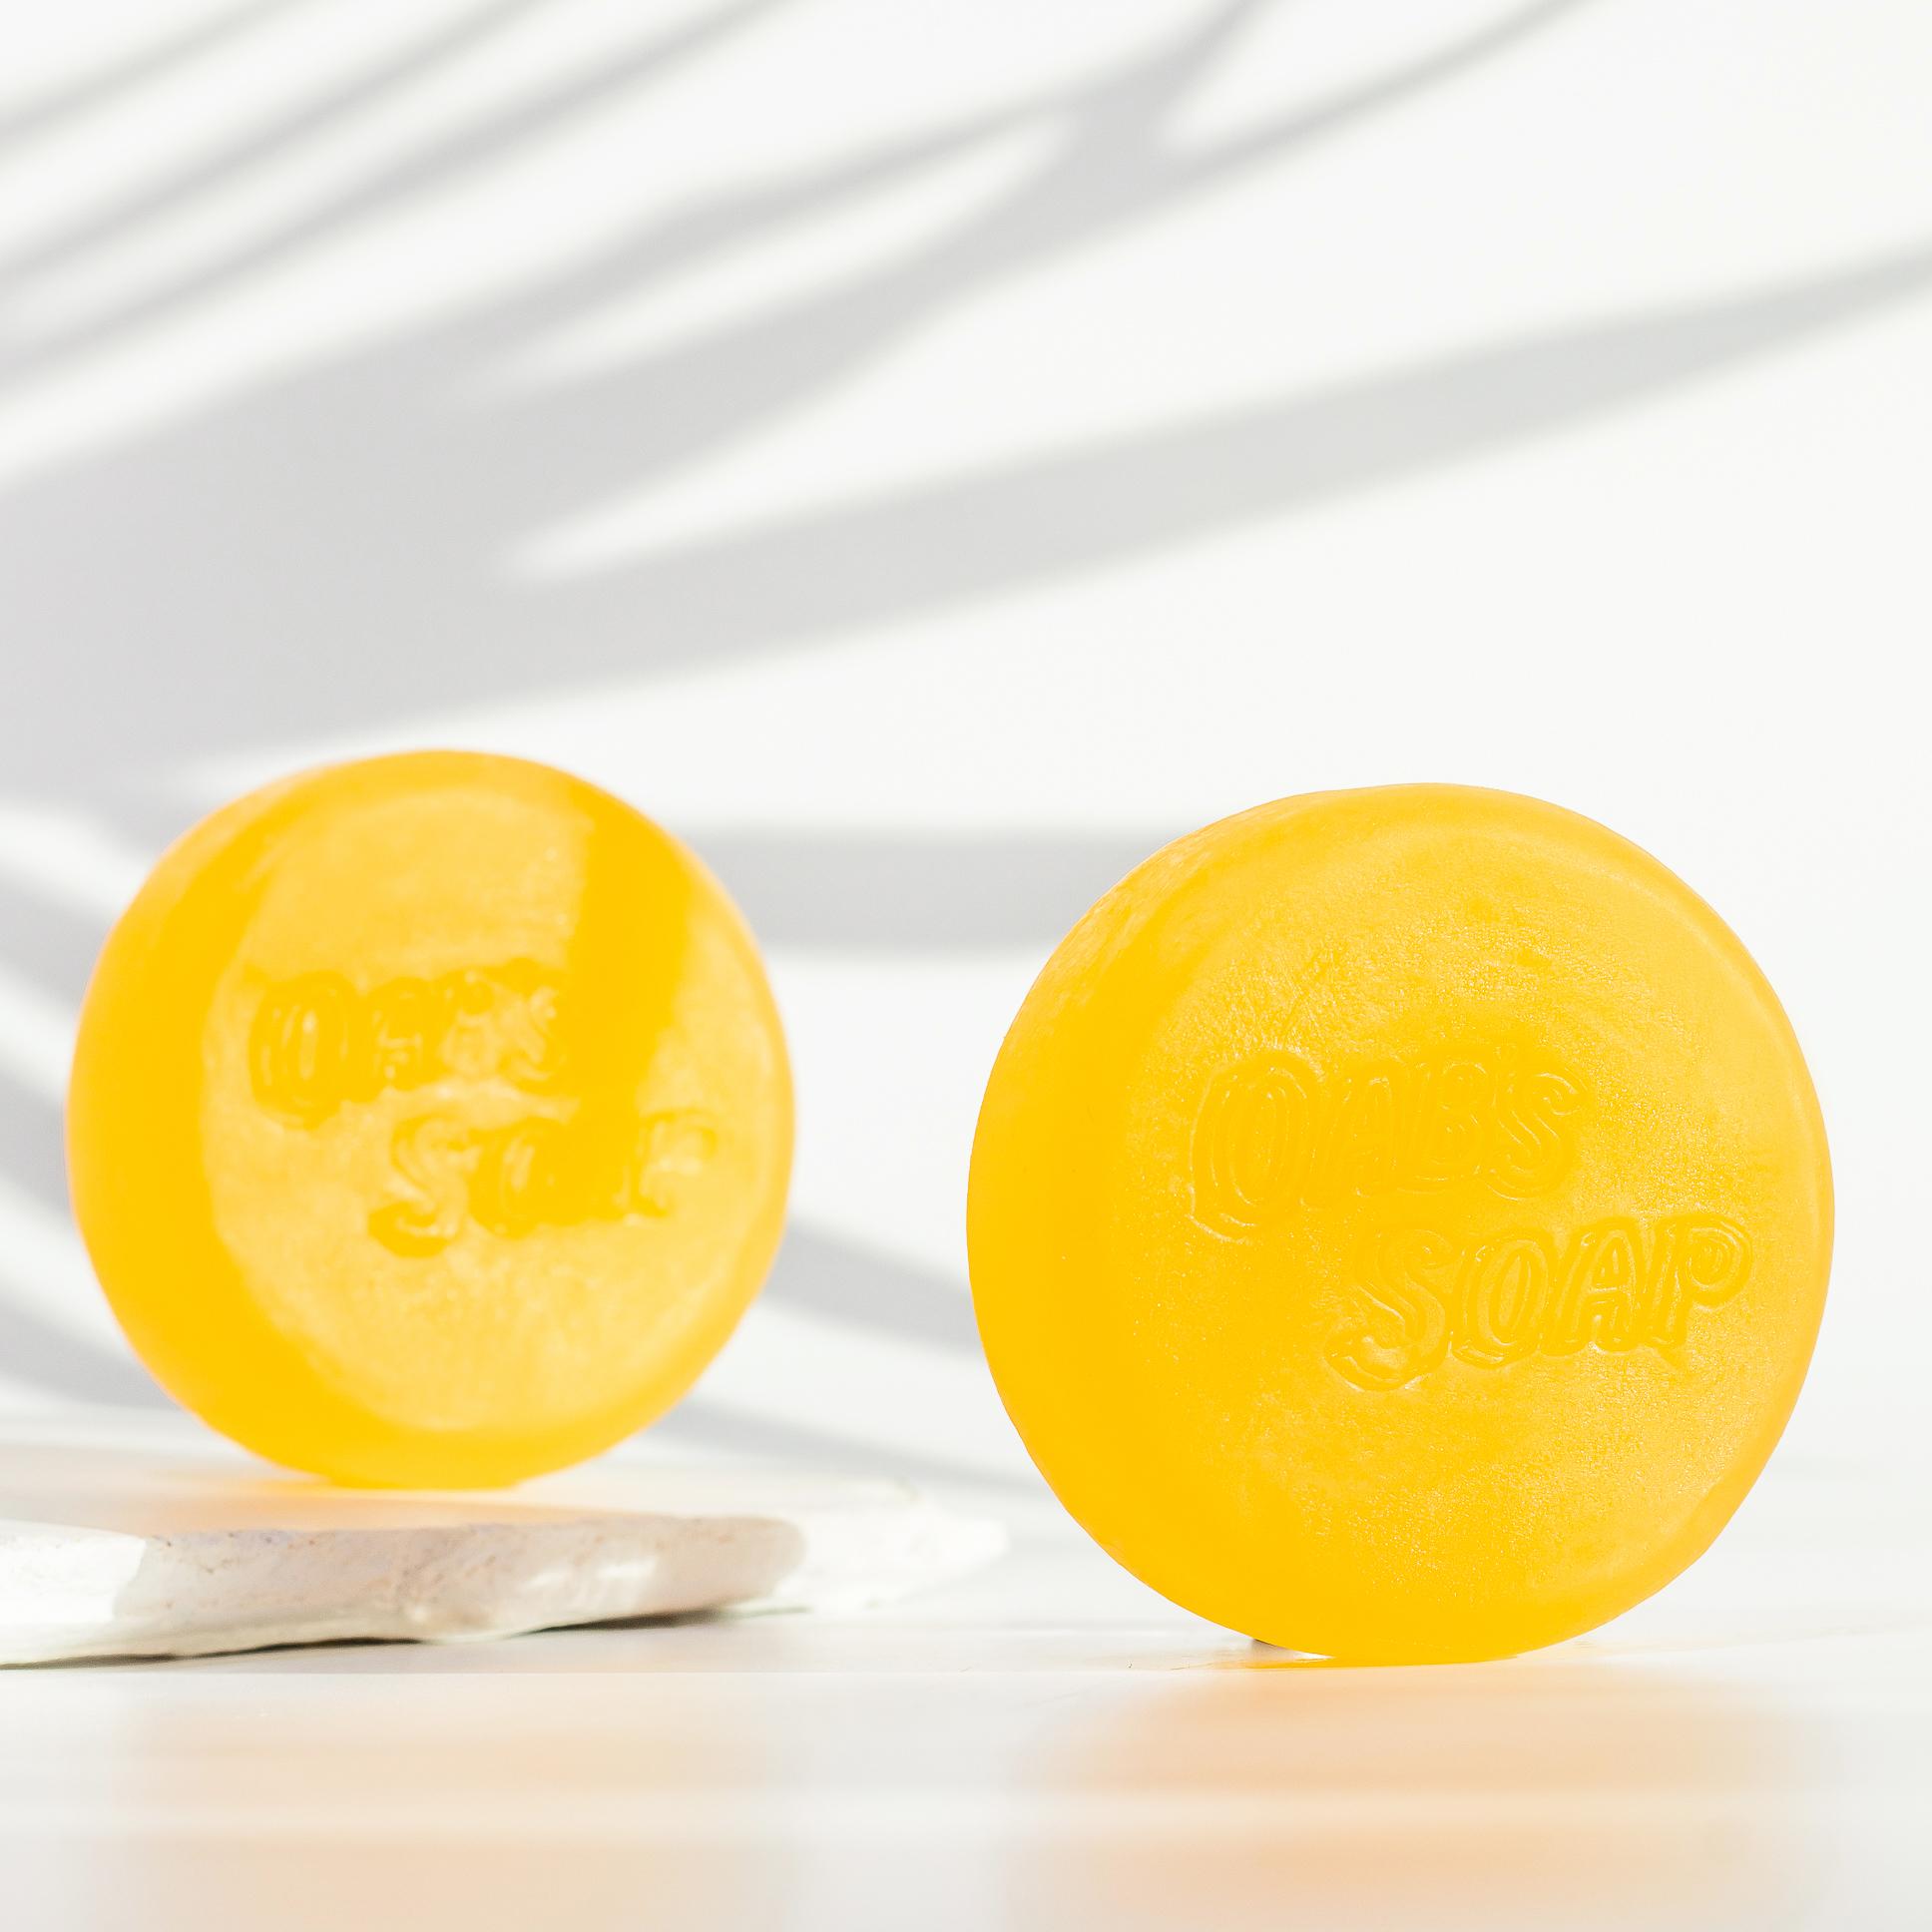 ซื้อ 1 แถม 1 Oab's Moonlight Honey Drop สบู่ล้างหน้าน้ำผึ้ง โอปโซพ ขนาด 80 กรัม